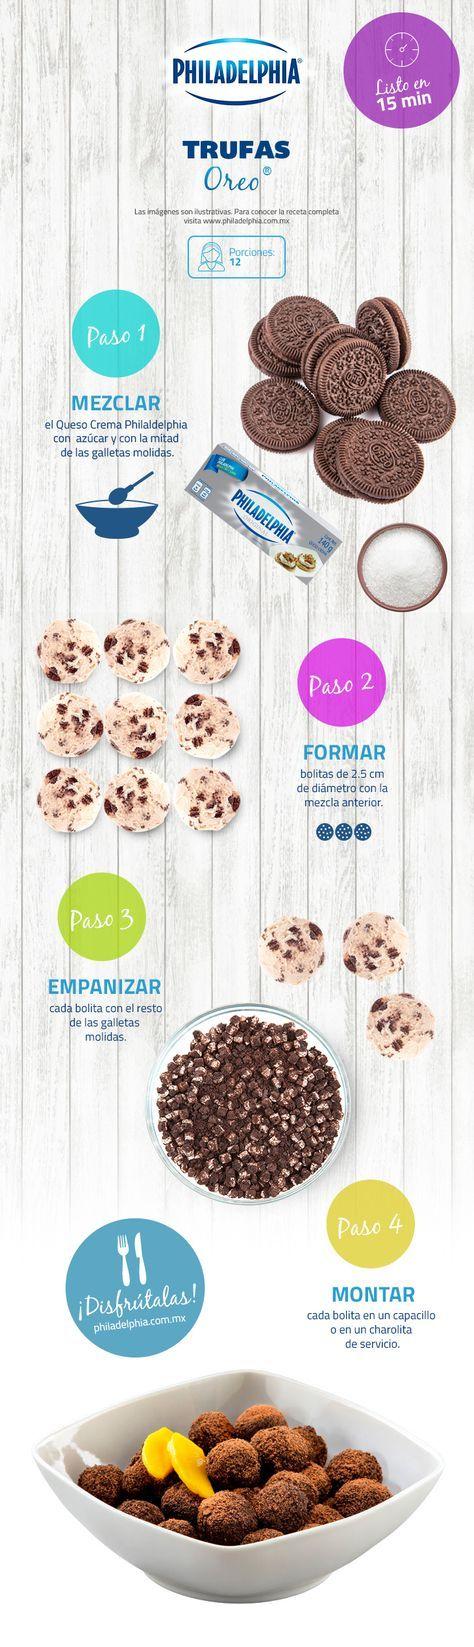 Trufas Oreo Receta Recetas De Comida Recetas Deliciosas Recetas De Comida Fáciles